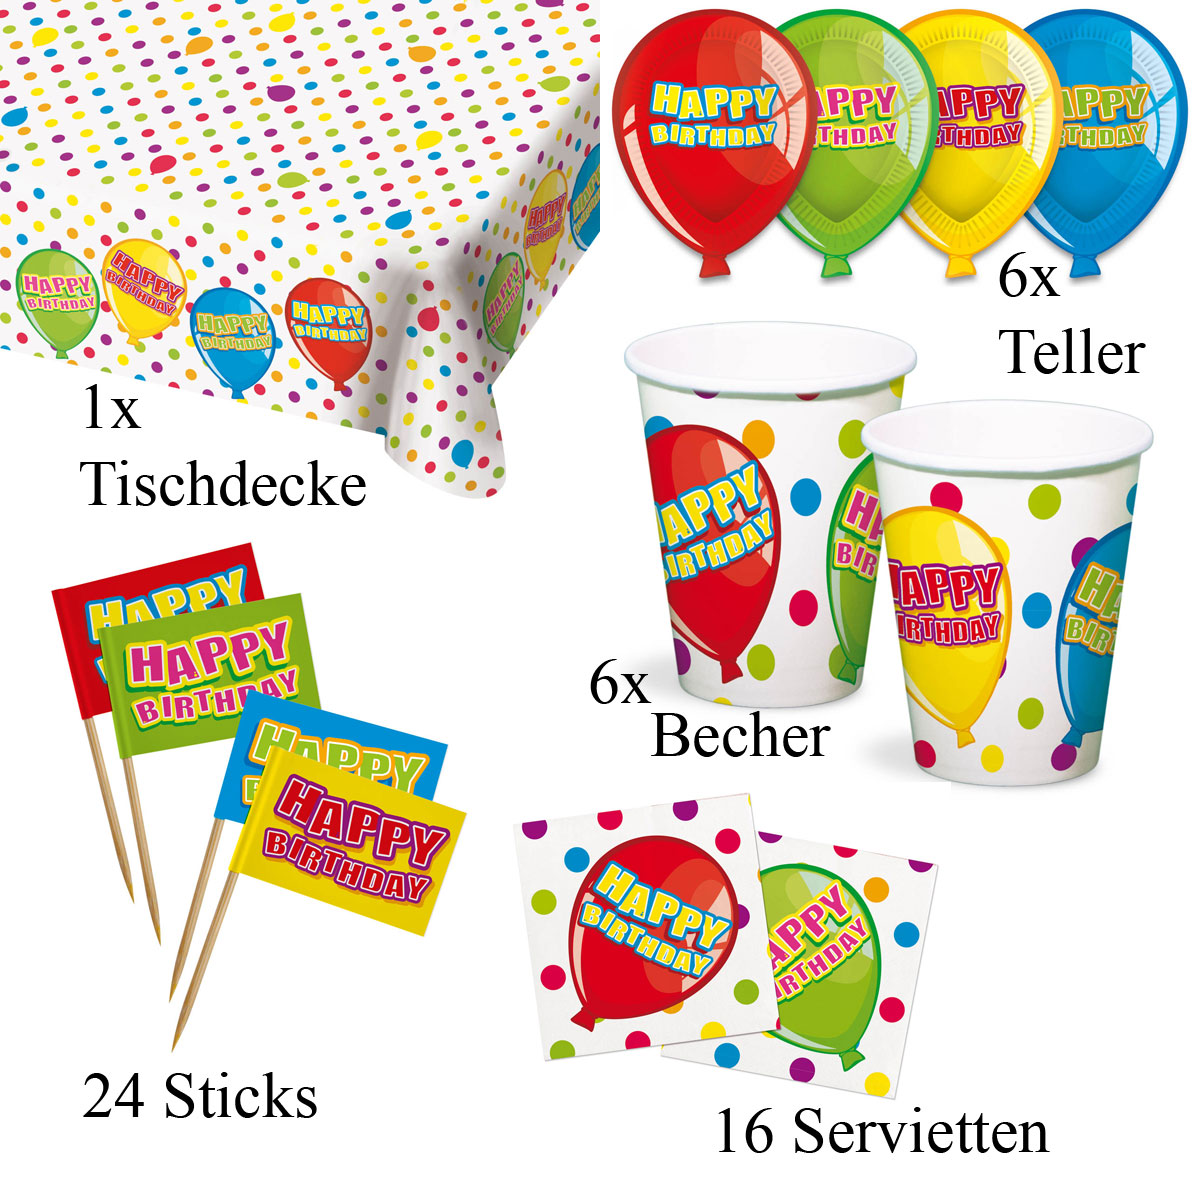 Geburtstags Tischdeko Set 5 Produkte F10200